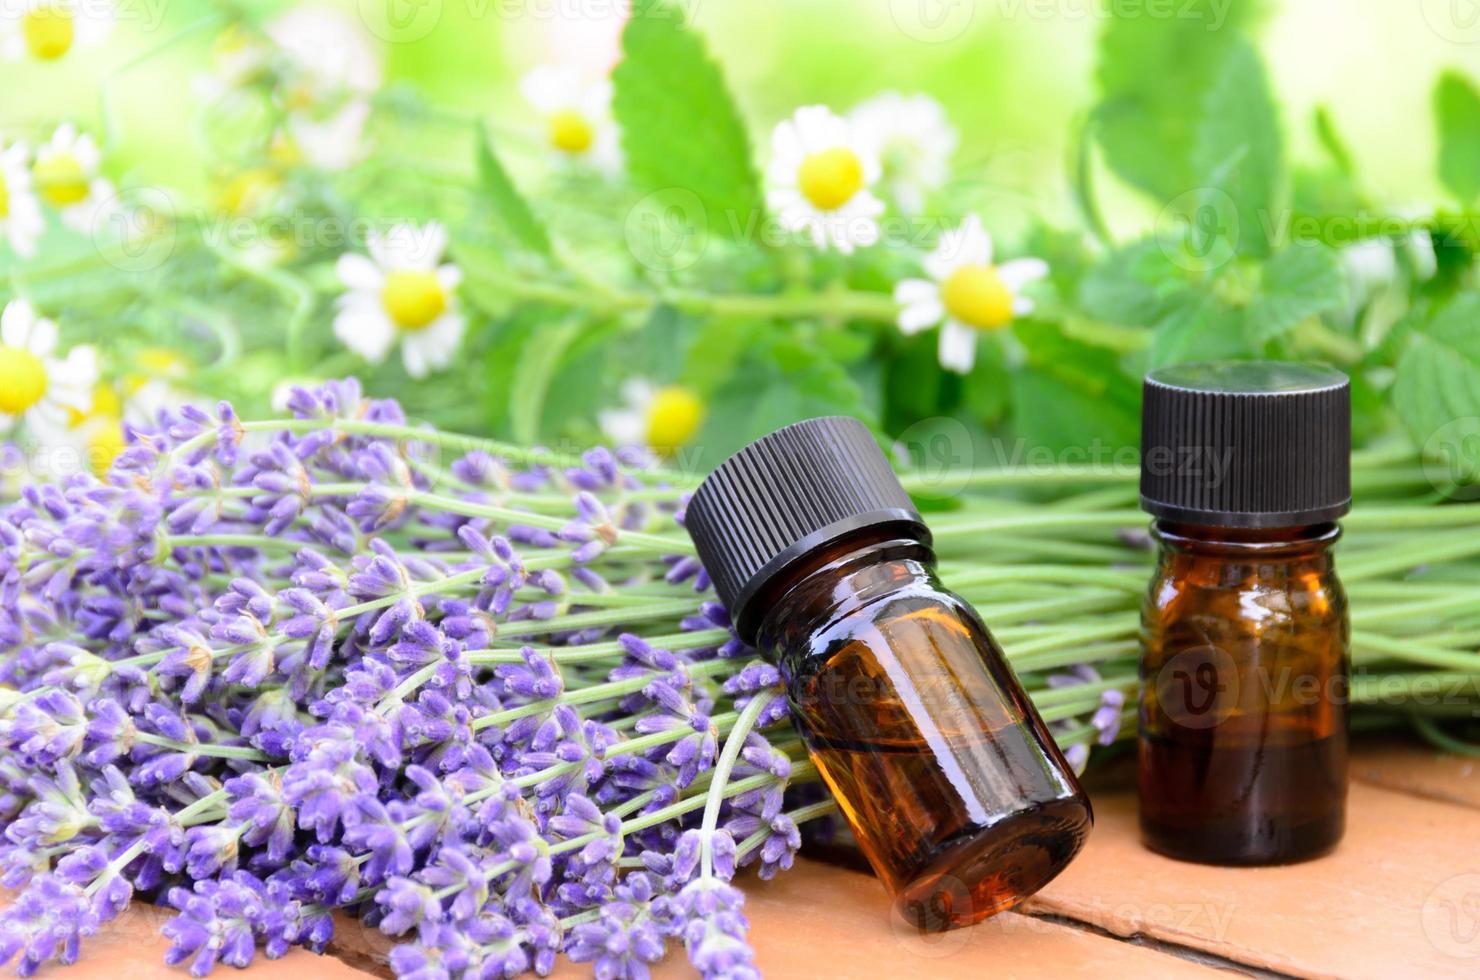 traitement d'aromathérapie avec des fleurs à base de plantes photo